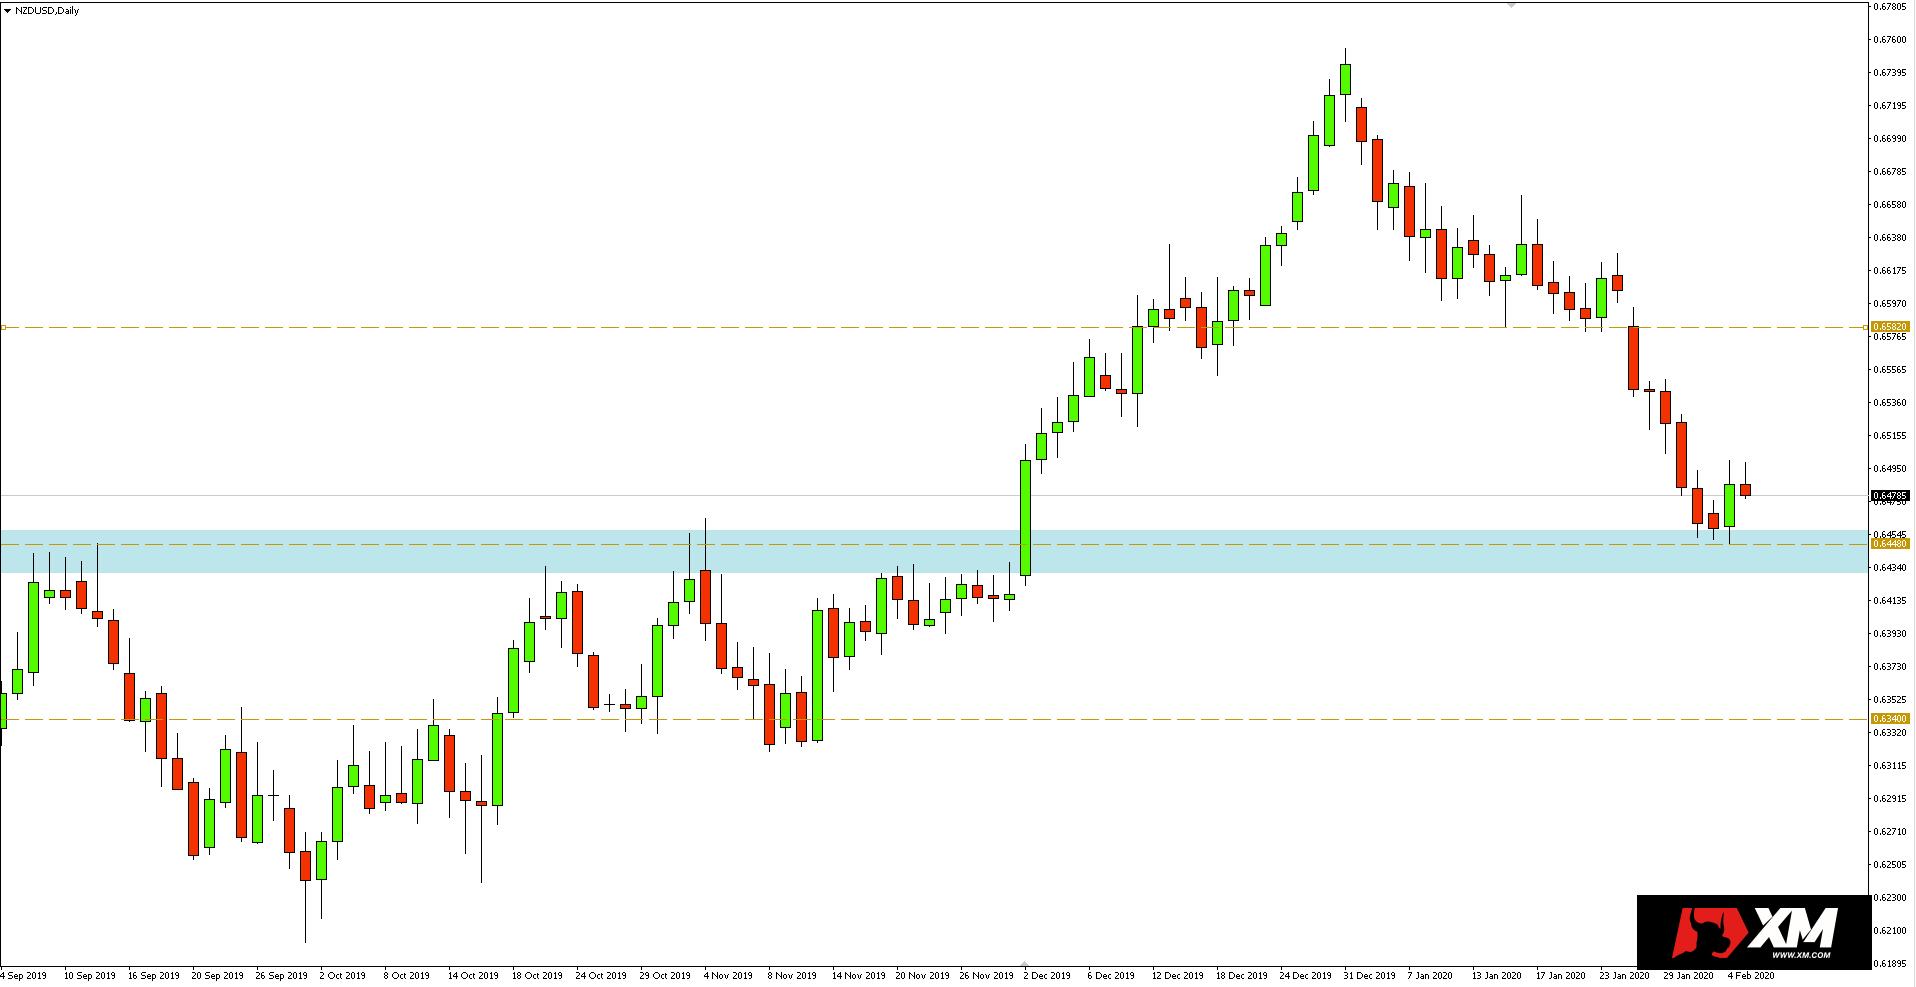 Wykres dzienny pary walutowej NZDUSD - 5 lutego 2020 r.